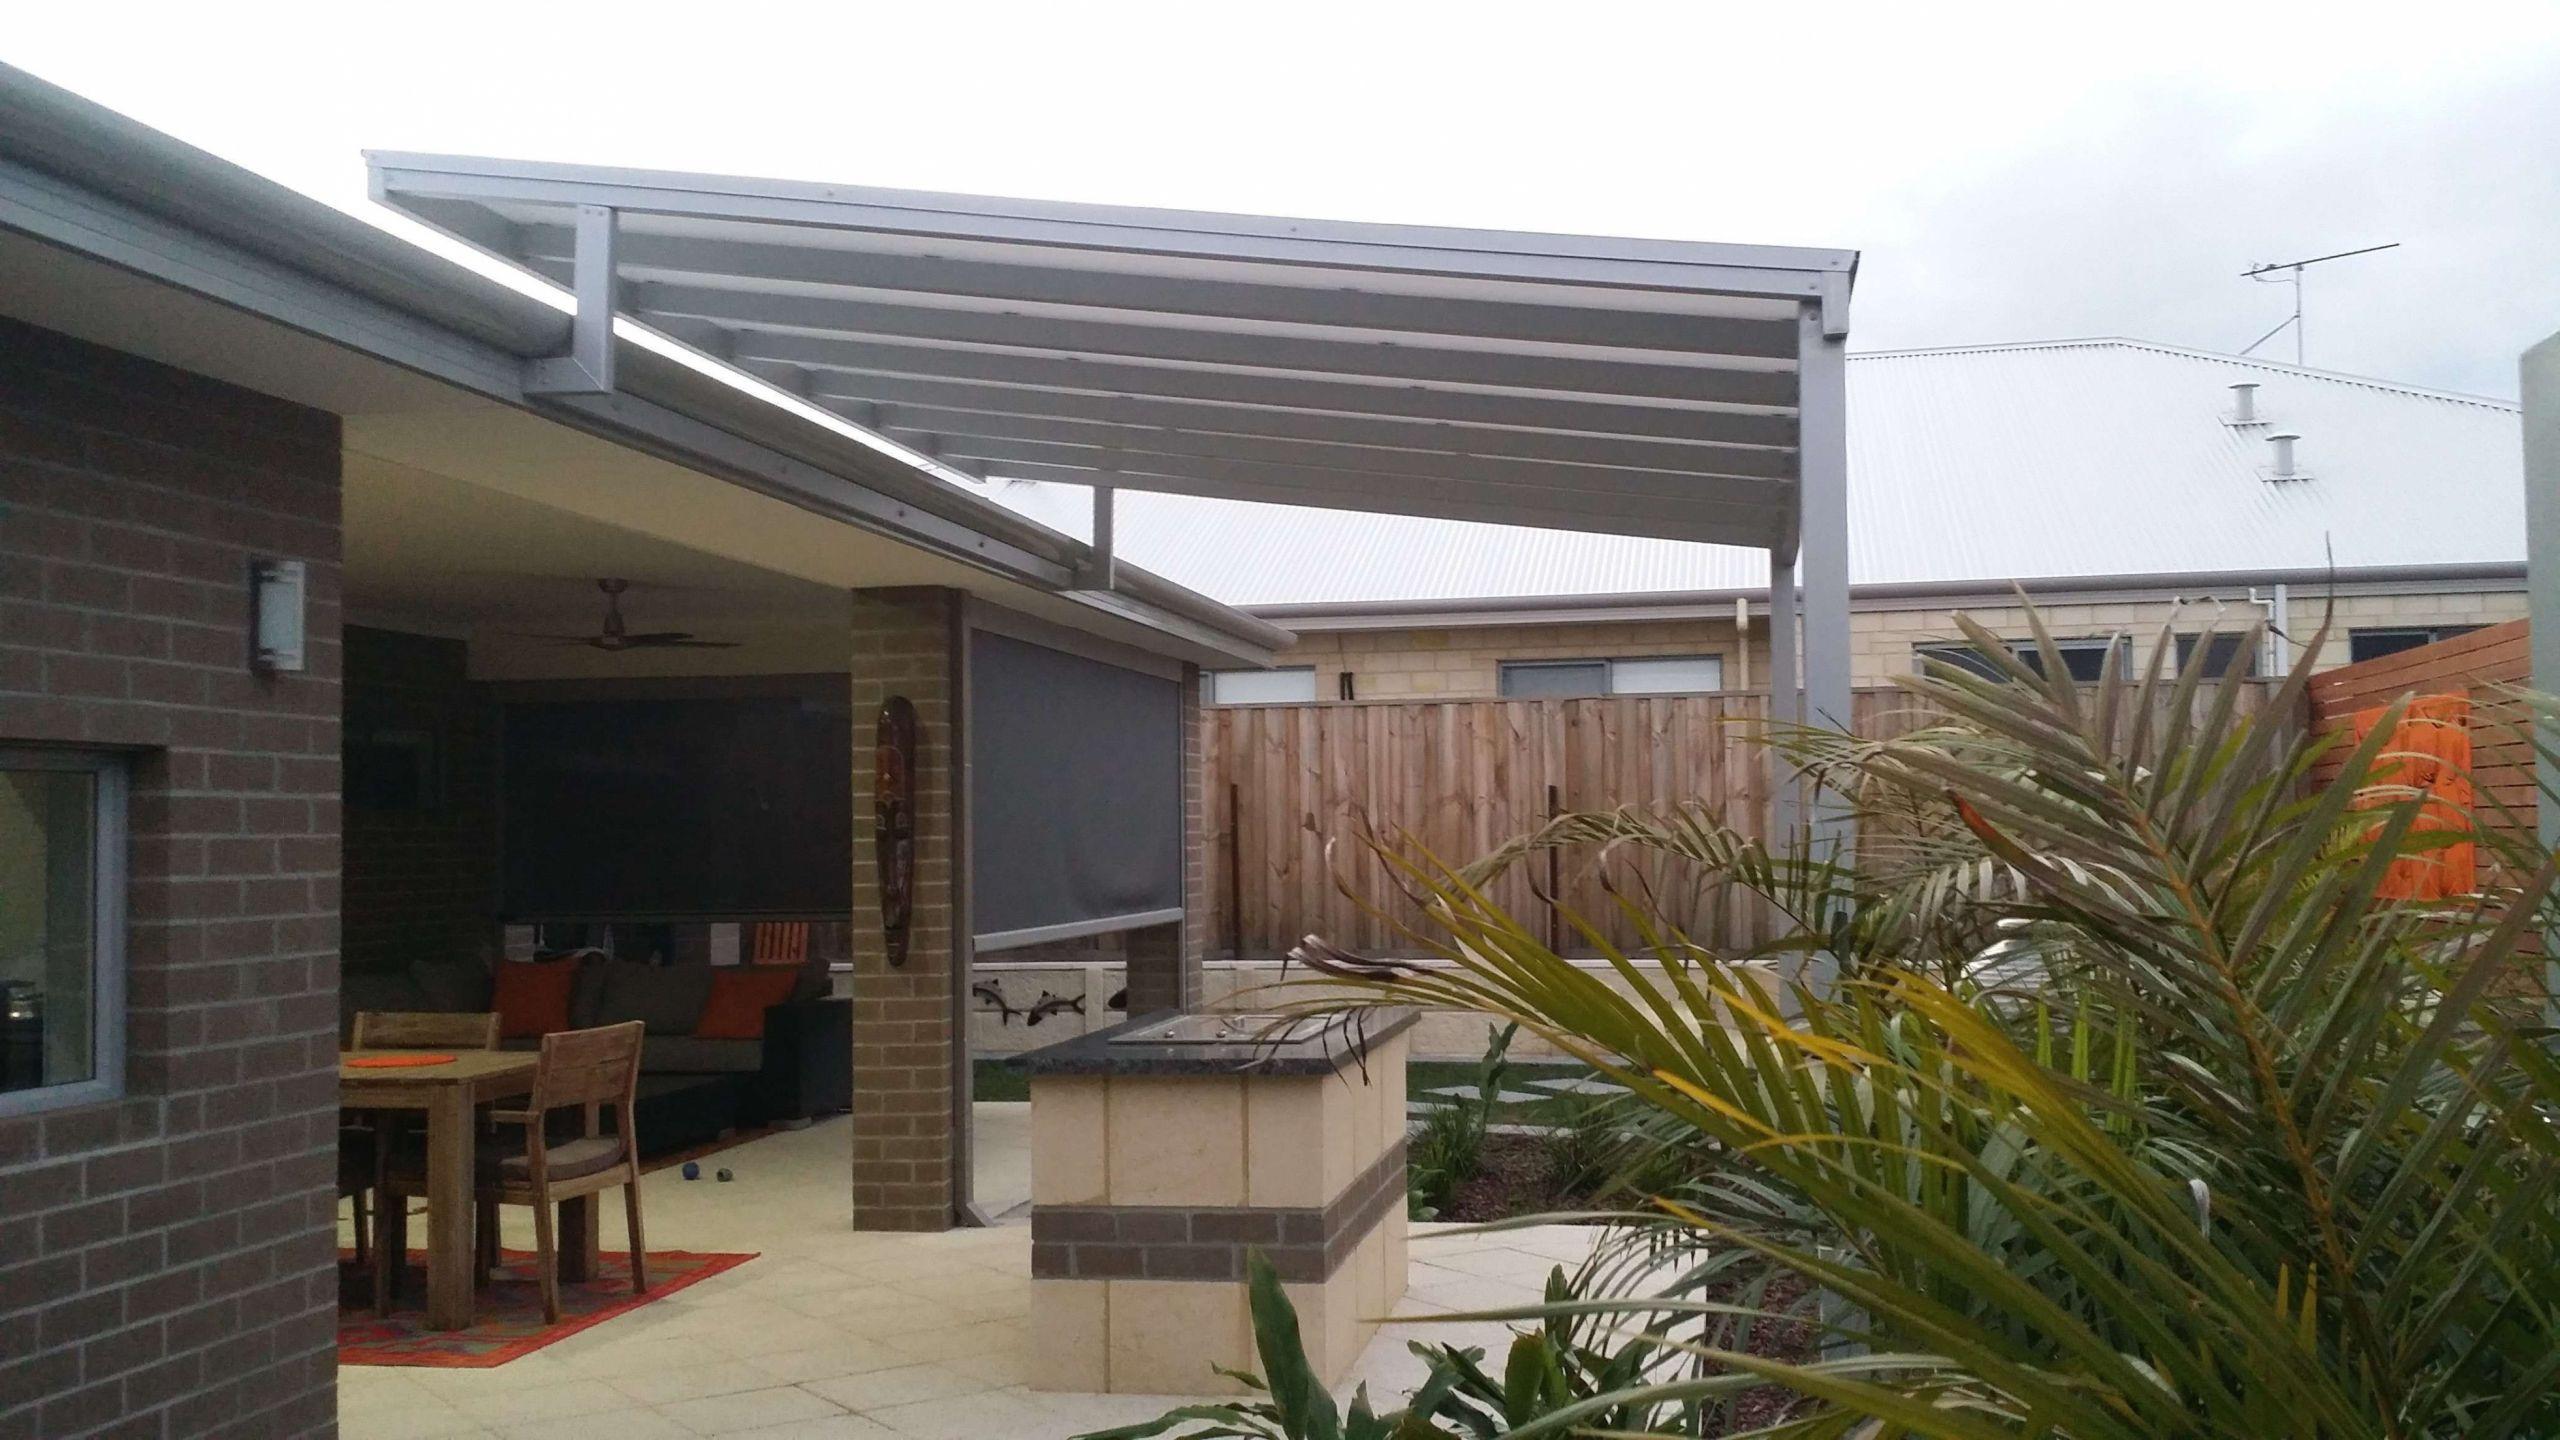 42 inspirierend glas sichtschutz balkon grafik sonnenschutz balkon ideen sonnenschutz balkon ideen